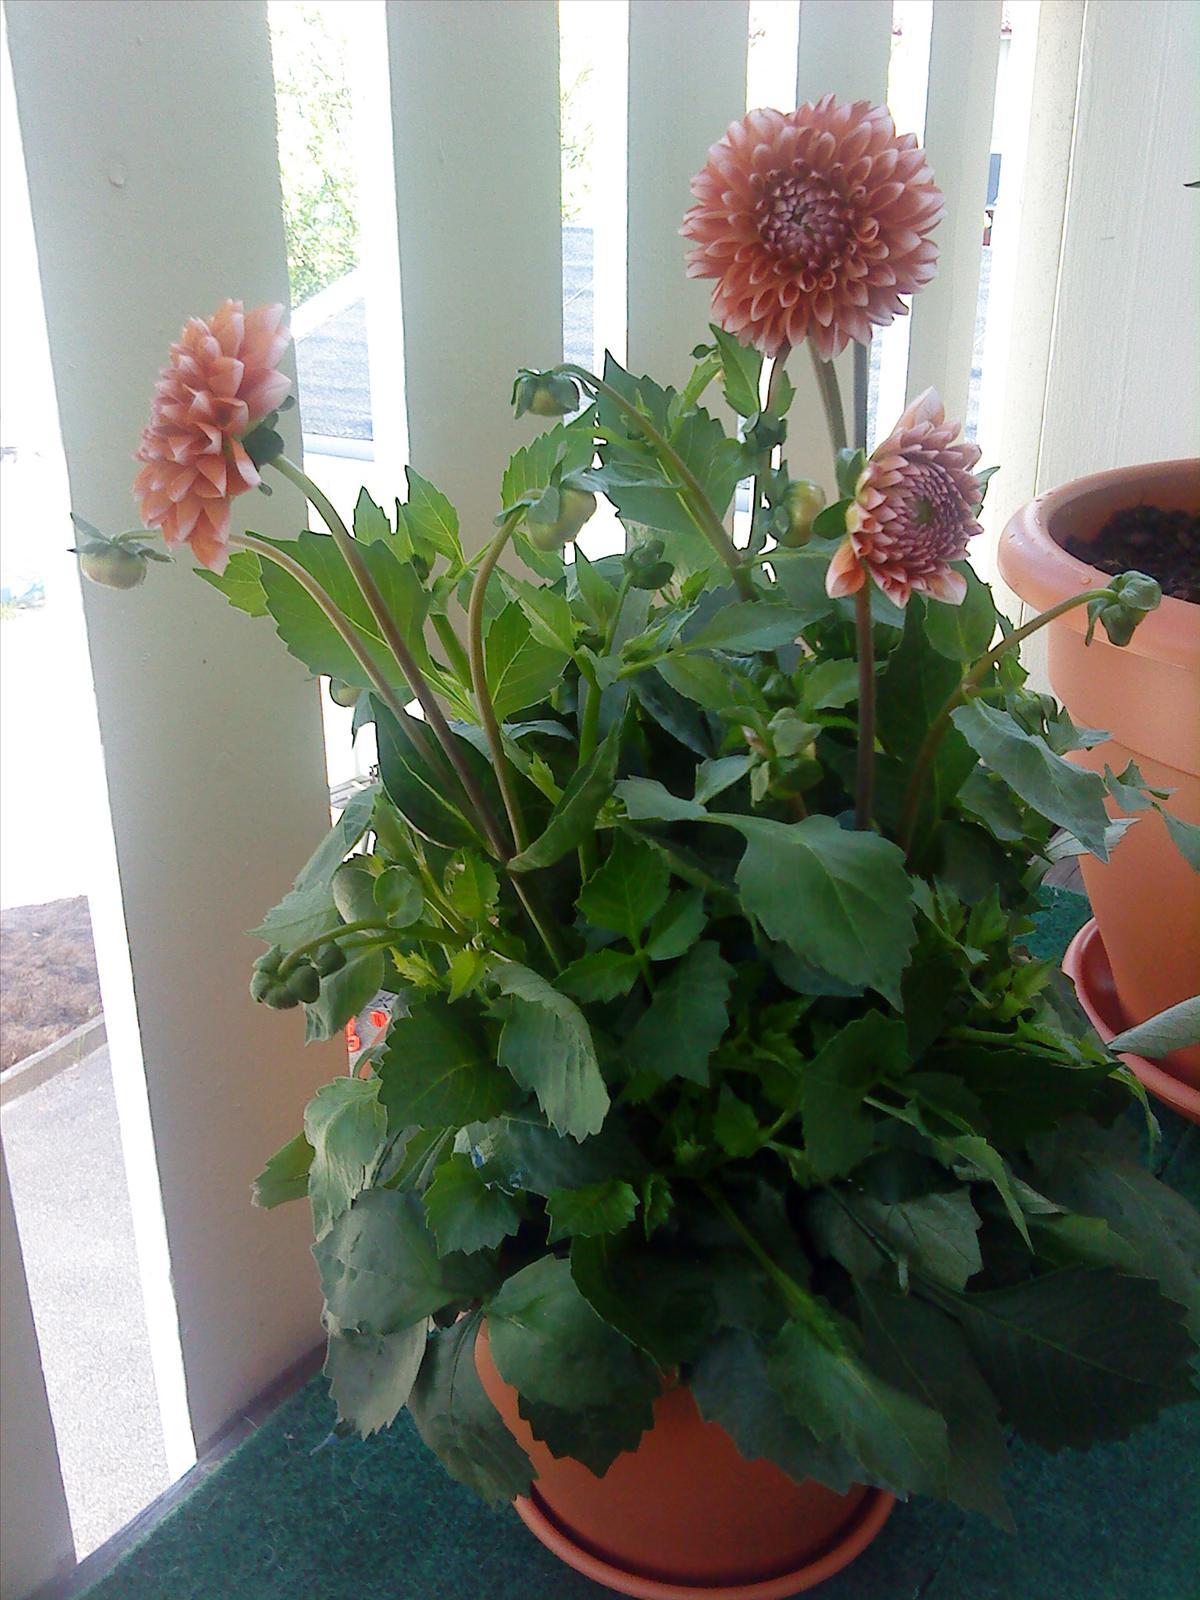 Balkong trädgård   krukväxter, utomhus och inomhus   trädgård ifokus